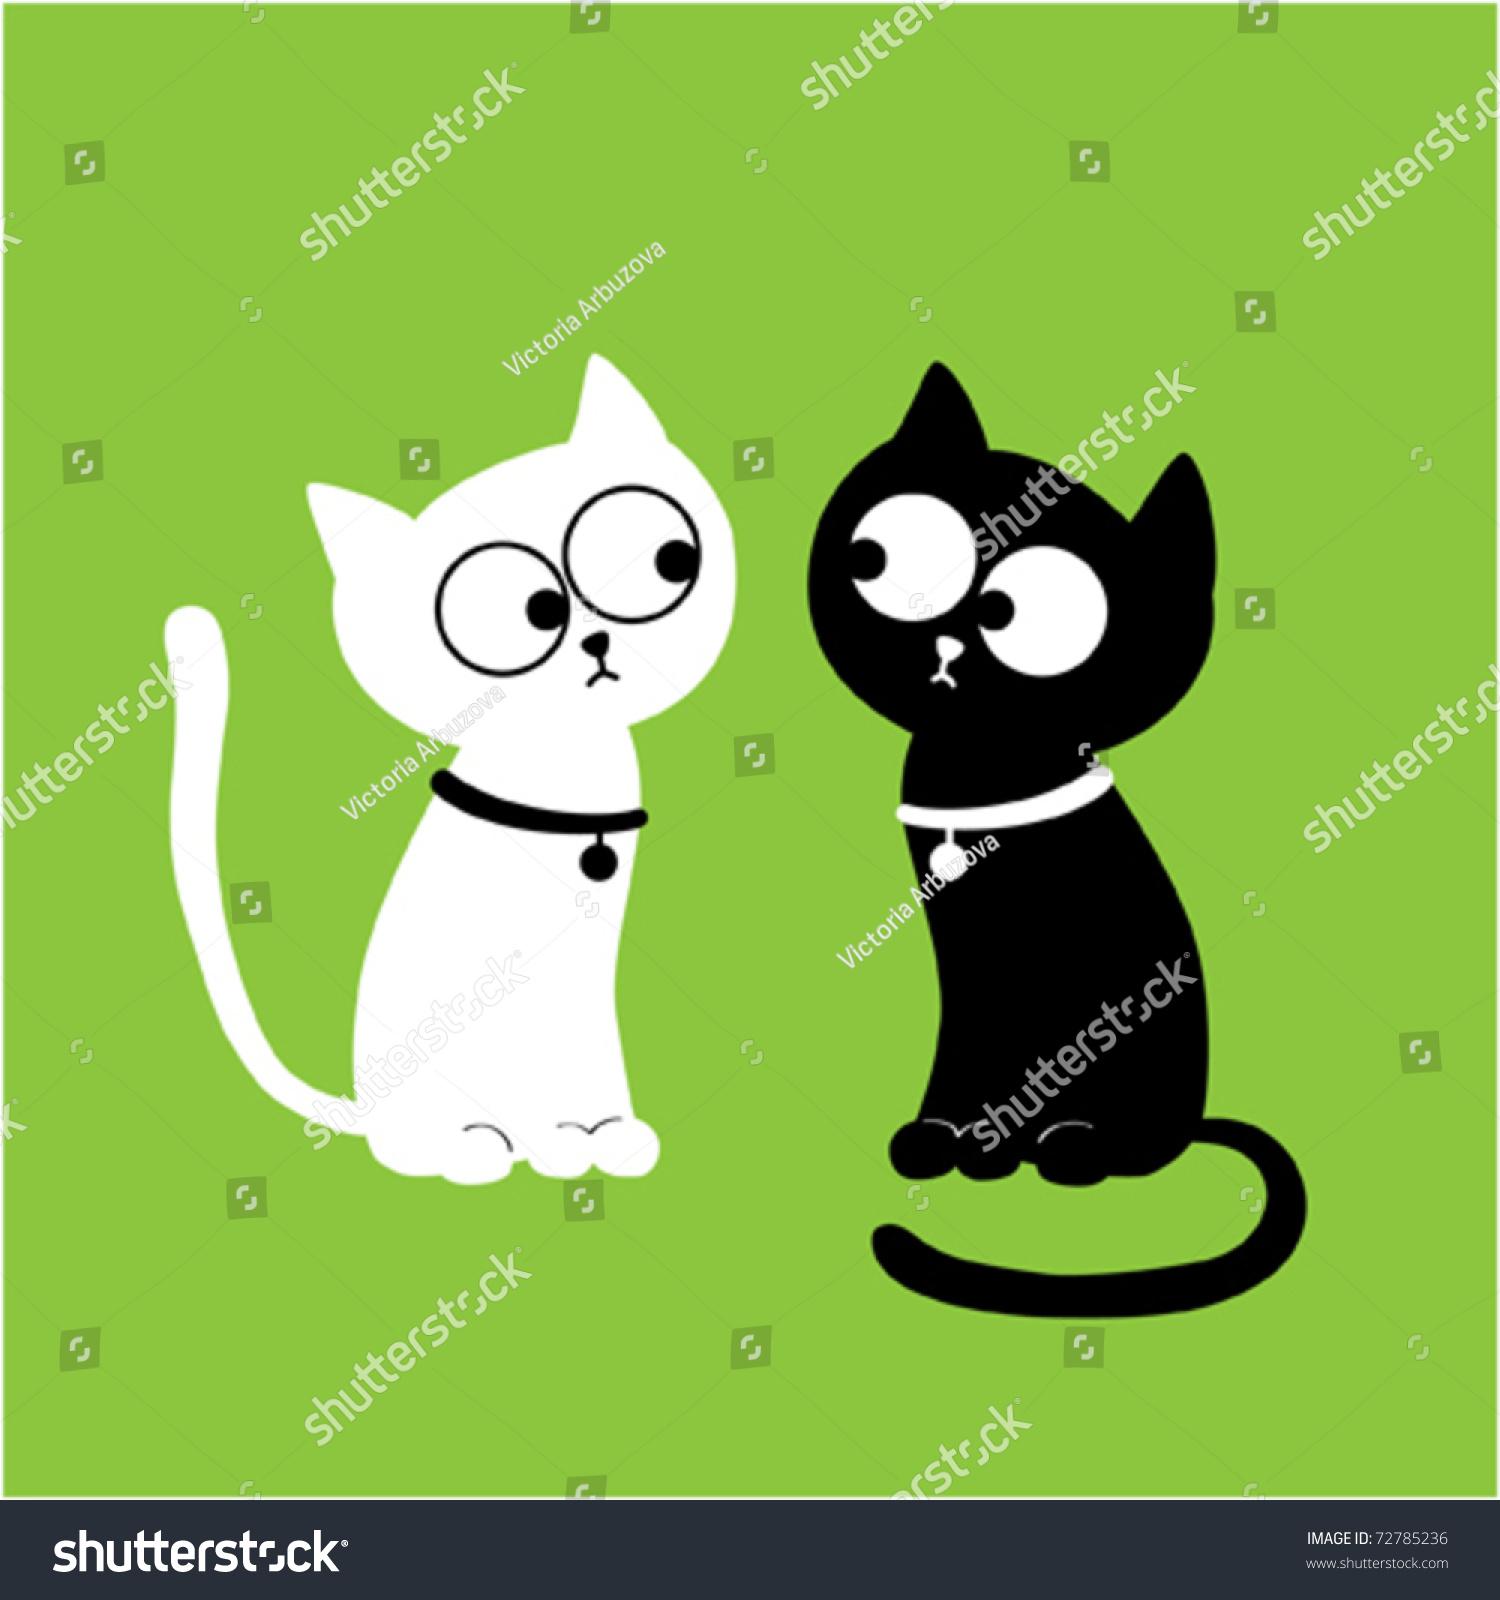 猫的双胞胎.矢量图-背景/素材,插图/剪贴图-海洛创意